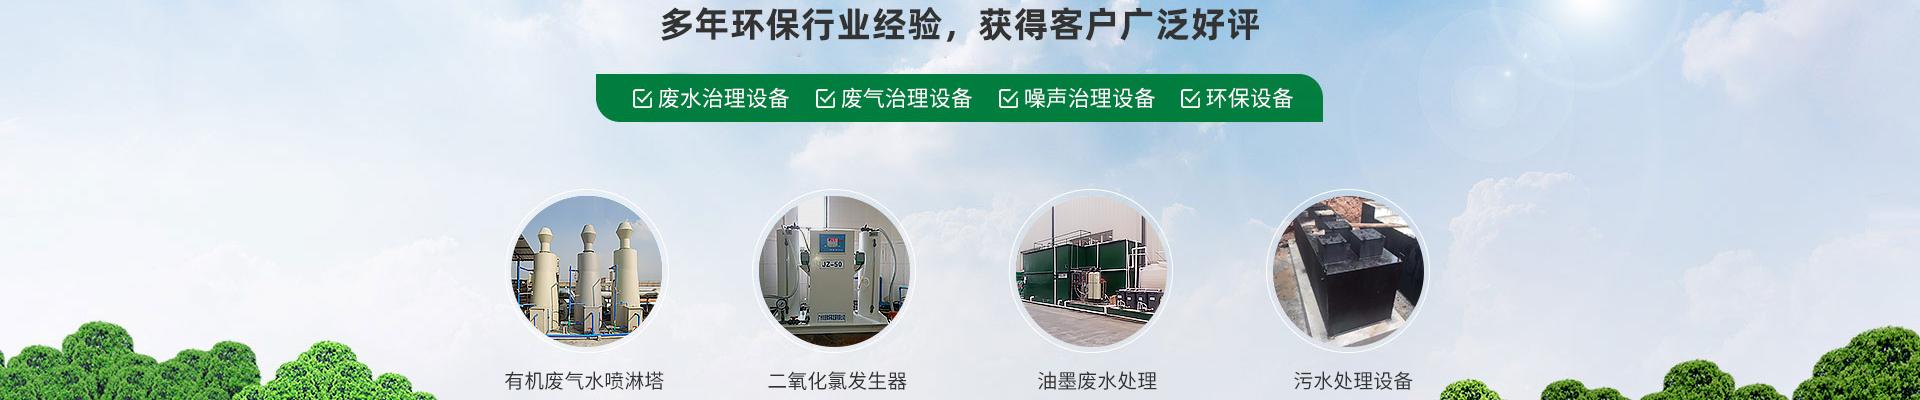 廢氣治理工程